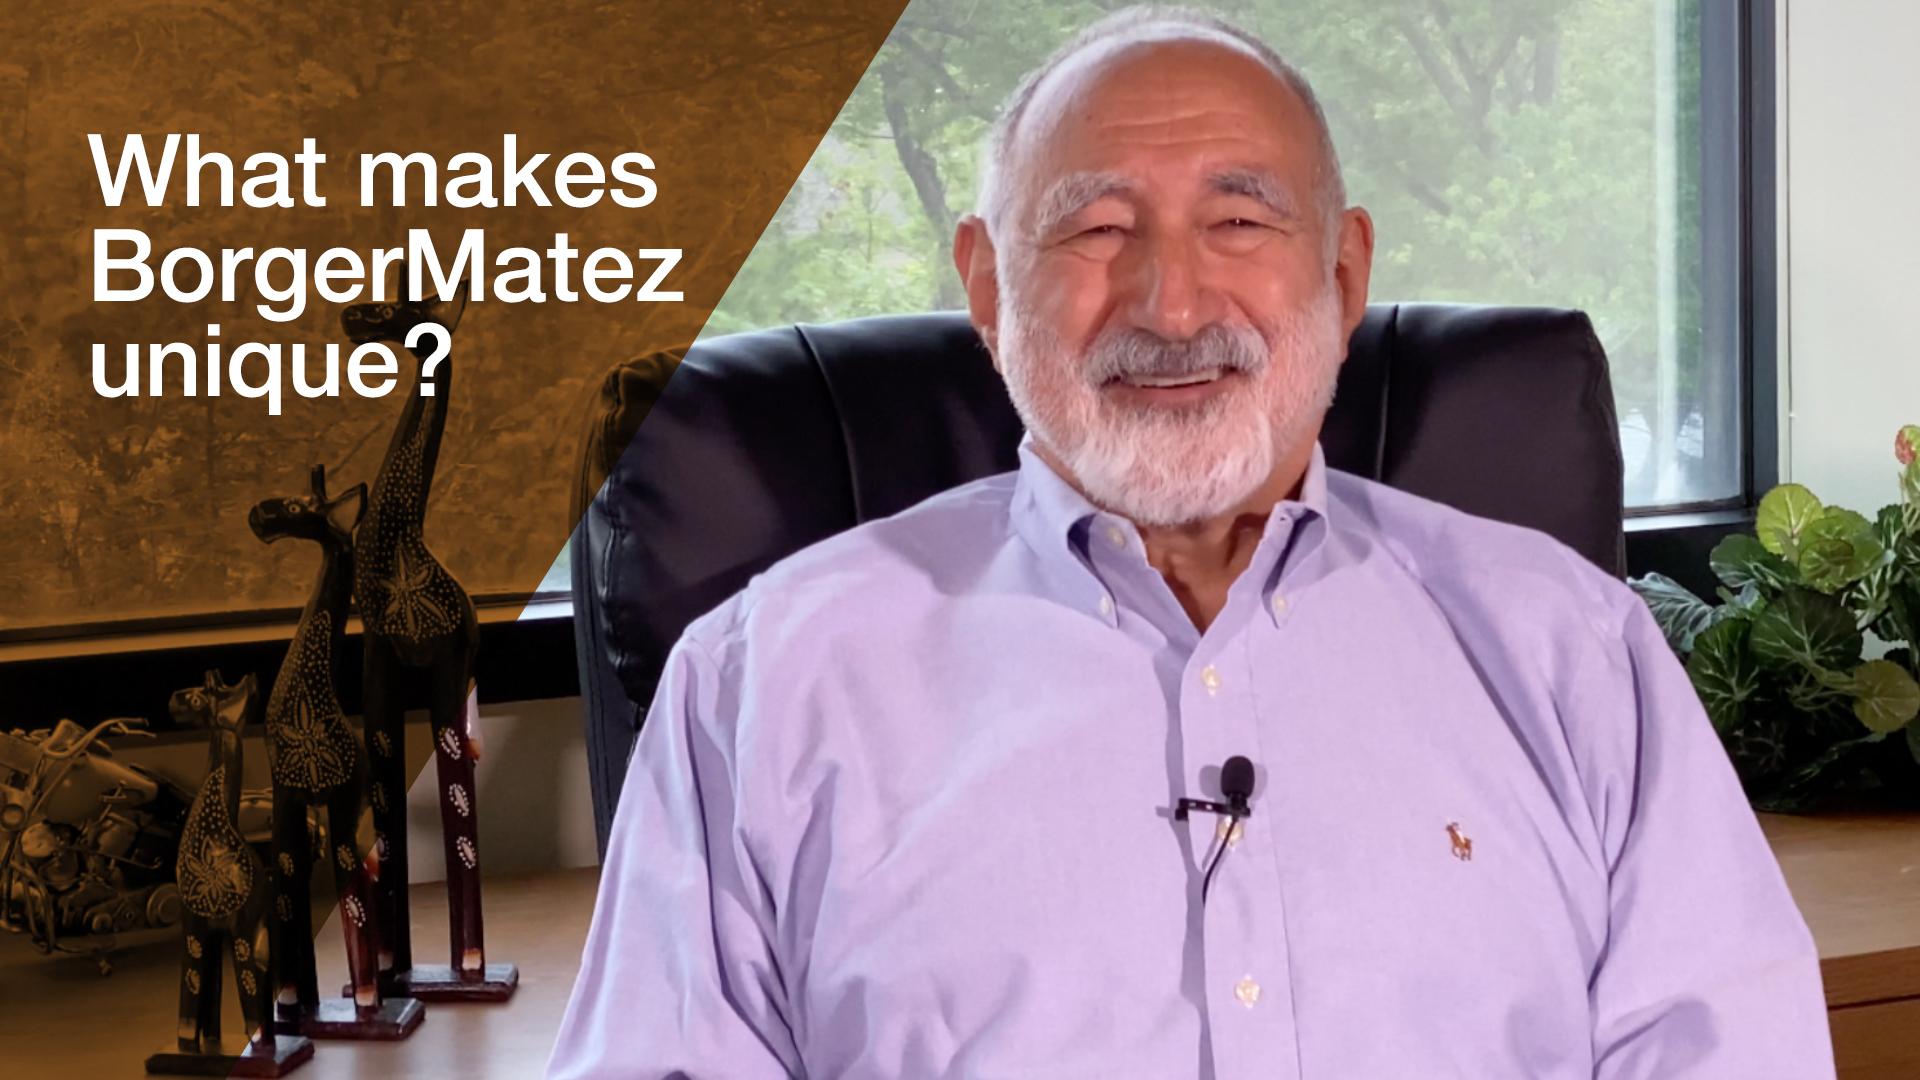 Watch Gary Borger, Esq. discuss what makes BorgerMatez unique